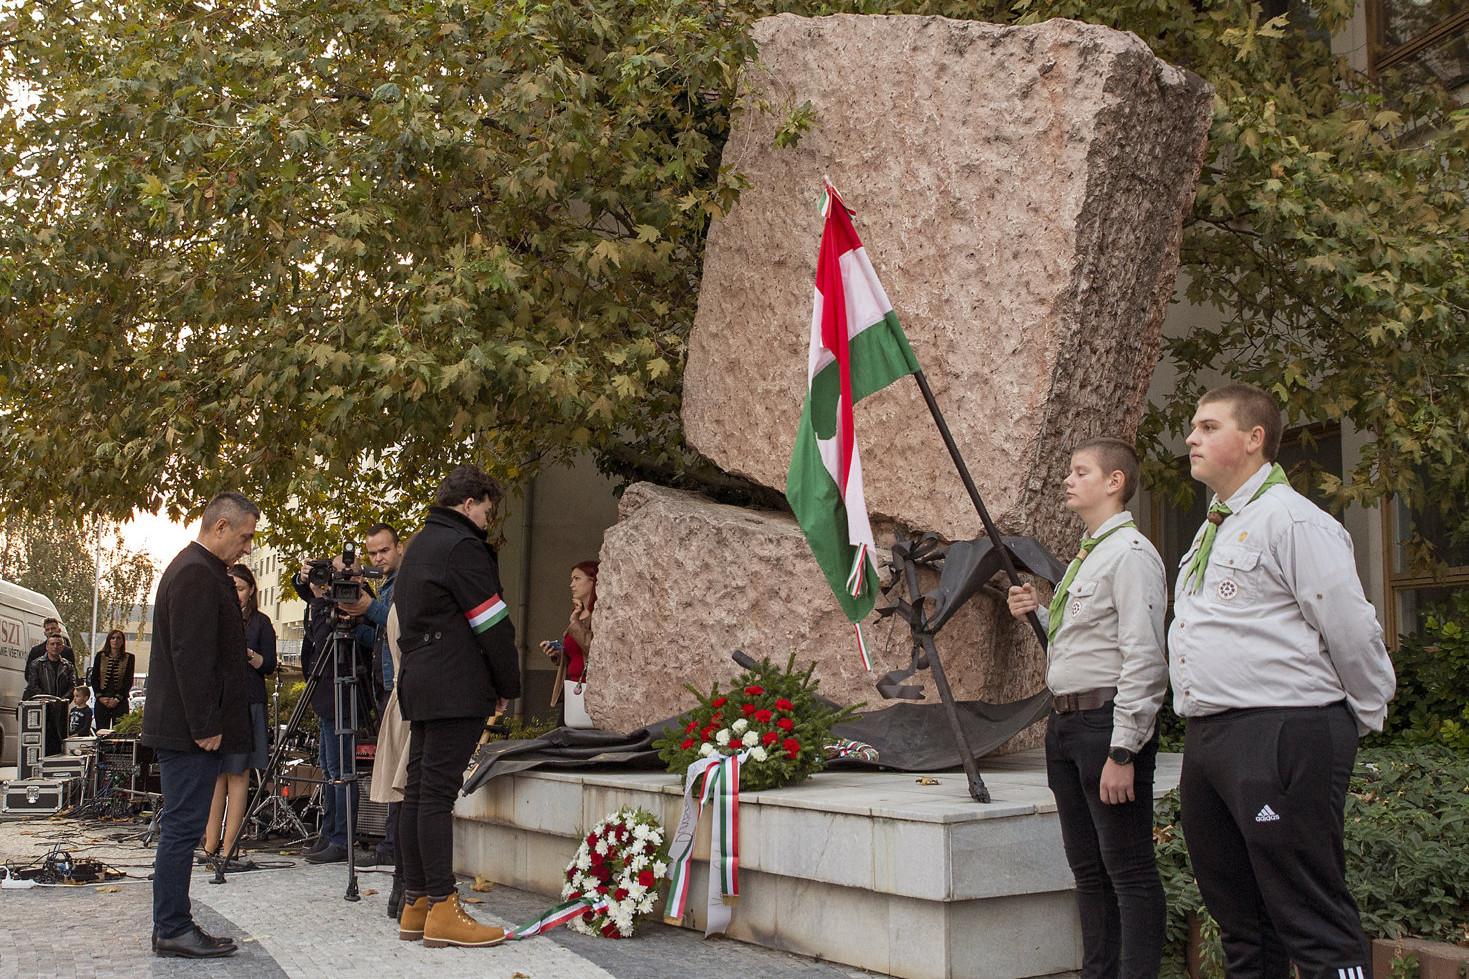 Potápi Árpád János, a Miniszterelnökség nemzetpolitikáért felelős államtitkára (b) megkoszorúzza a diktatúrák áldozatainak emlékművét az 1956-os forradalom és szabadságharc 63. évfordulóján rendezett megemlékezésen Dunaszerdahelyen